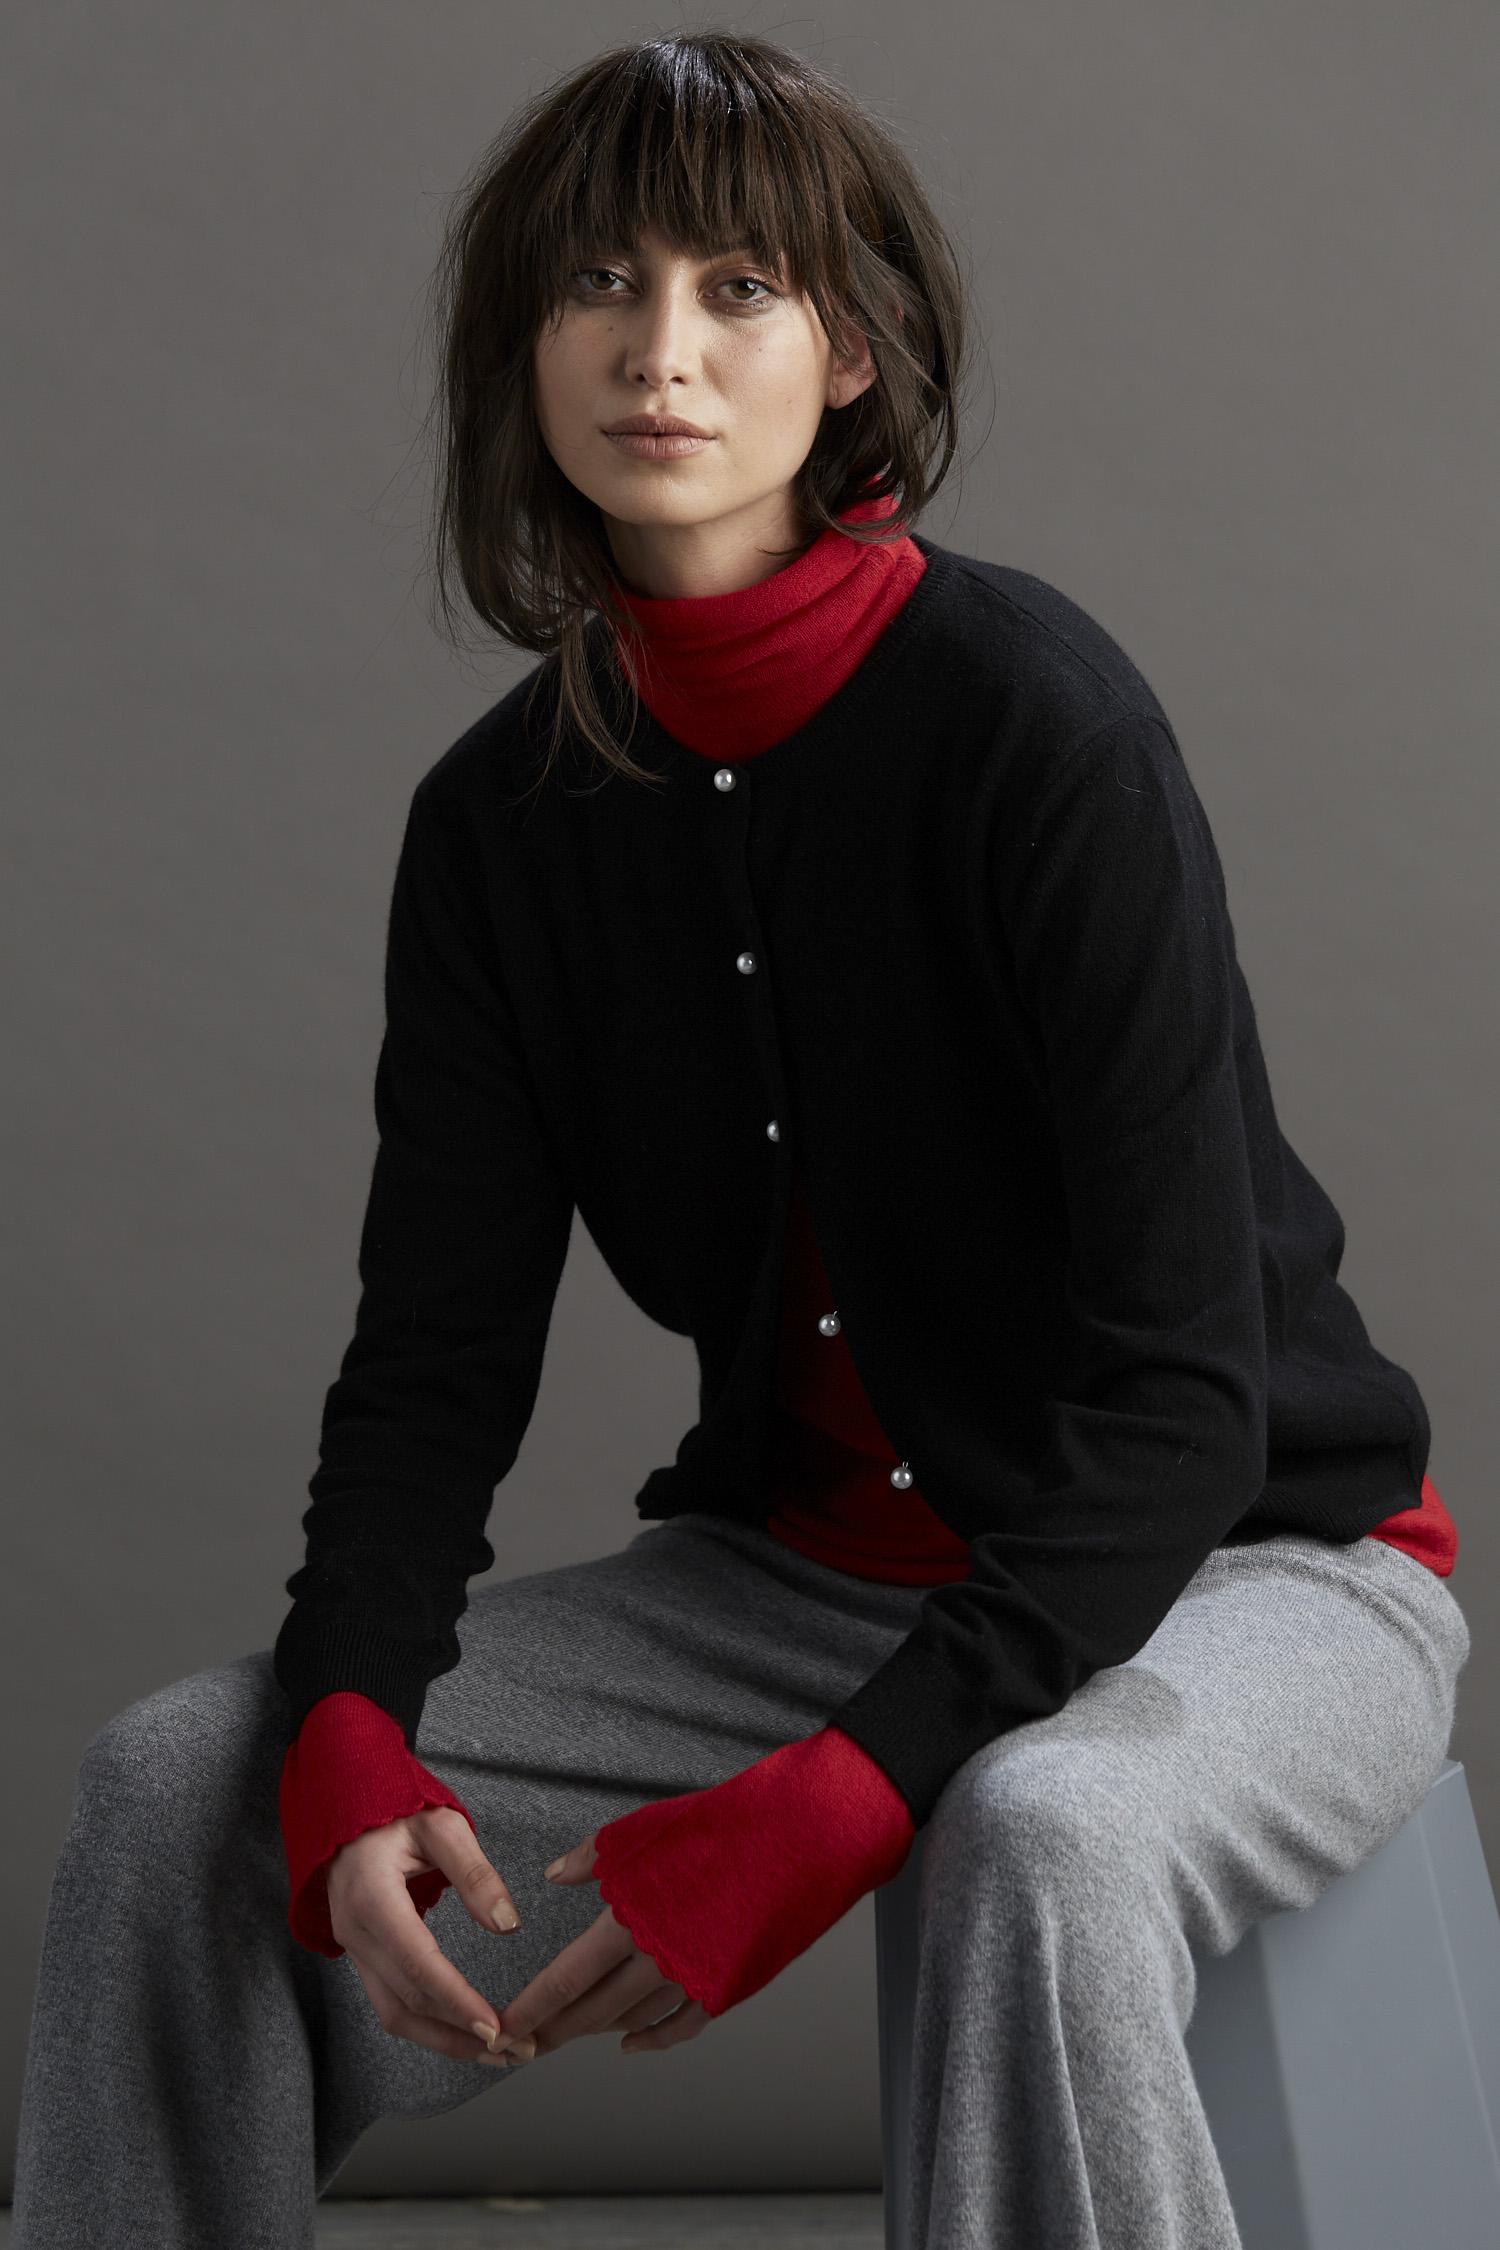 Mara Sommer